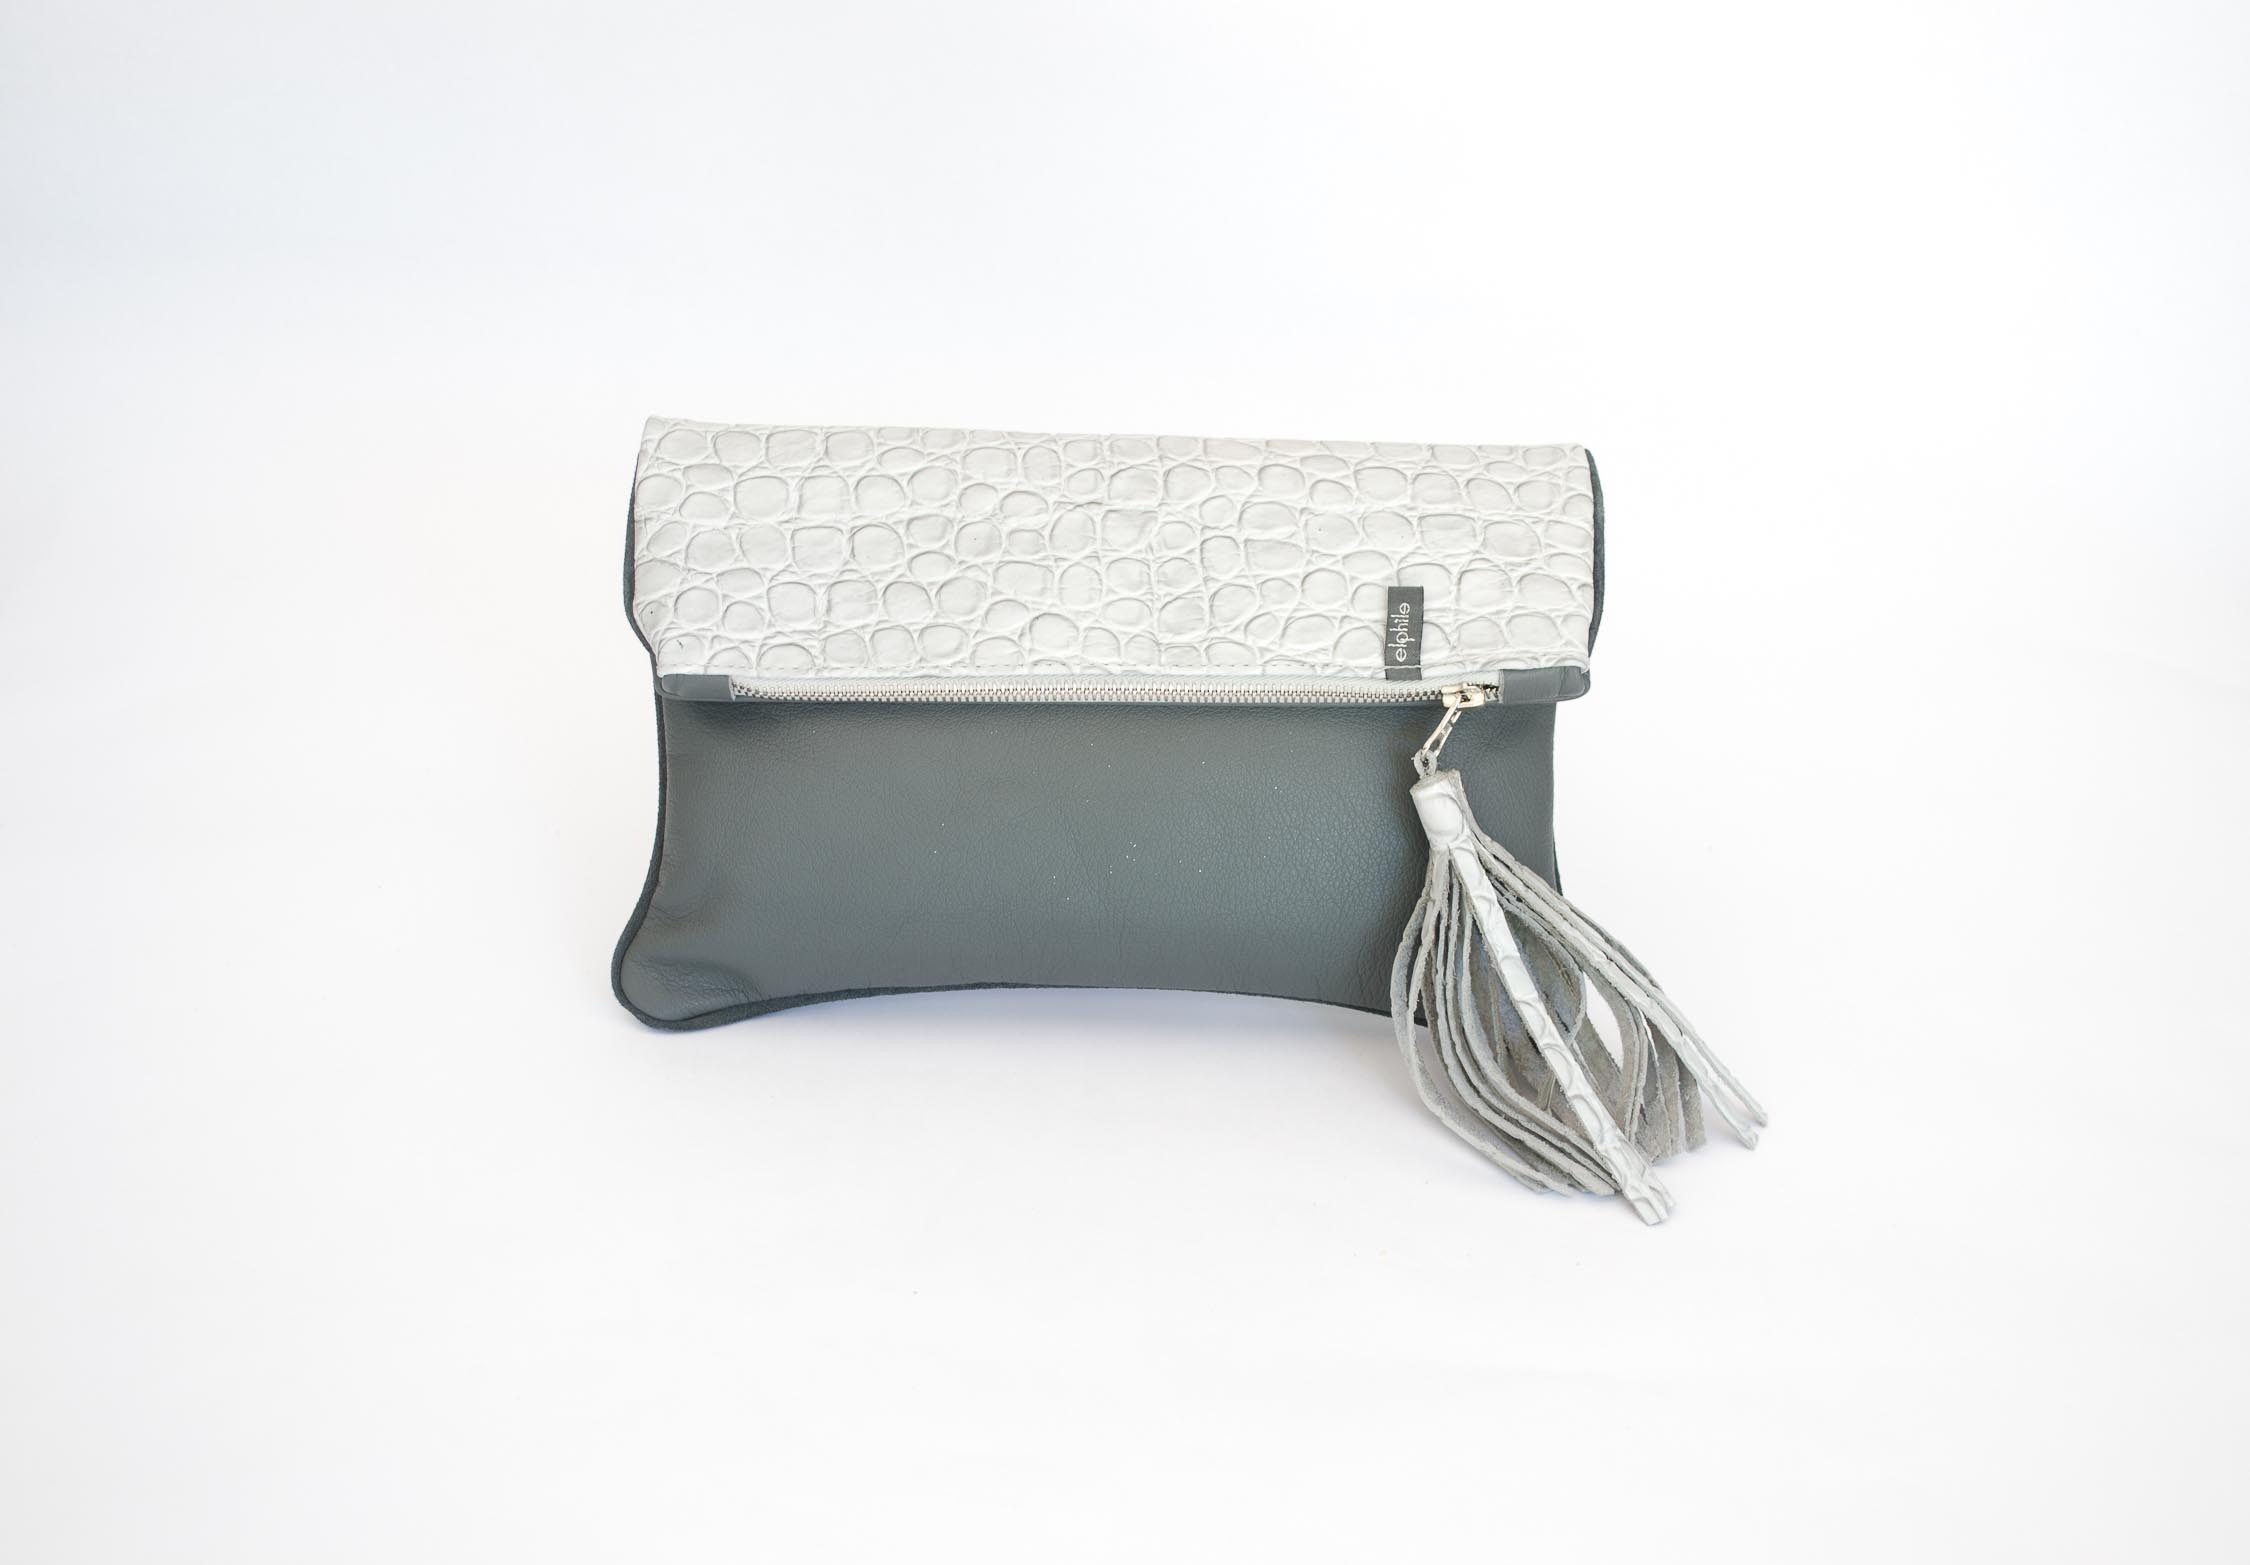 closeup of a light grey croco tile foldover bag